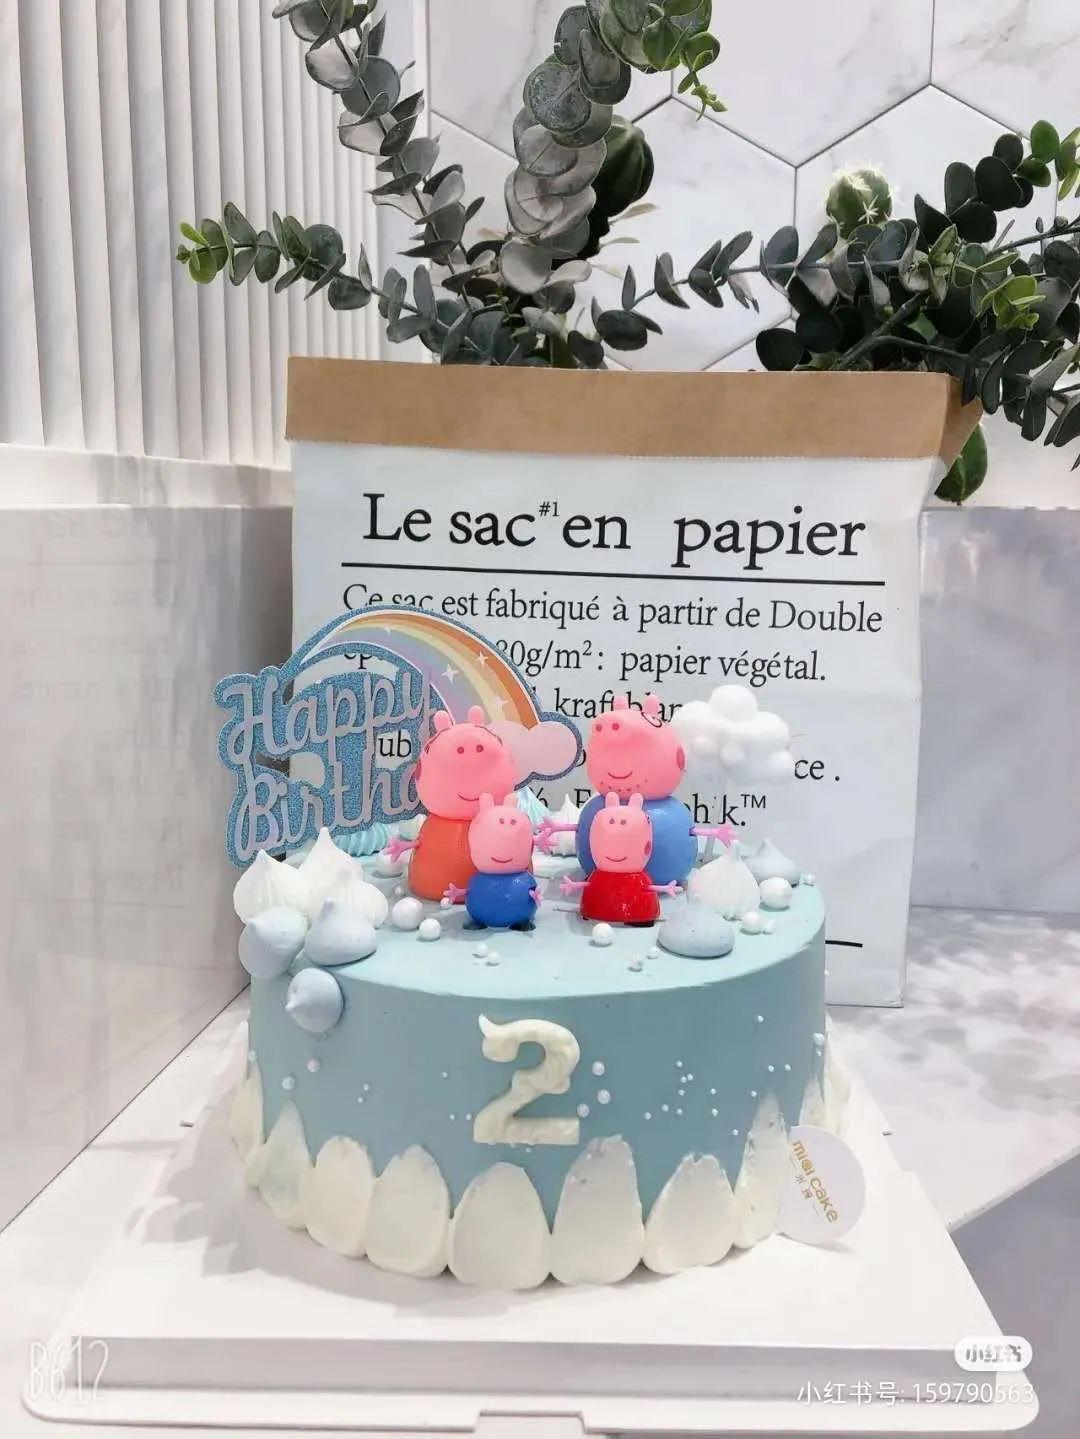 【三门峡 | 万达】甜过初恋!【慕巴夫烘焙】79.9元享门市价138元蛋糕(8寸动物奶油蛋糕一个),款式六选一!